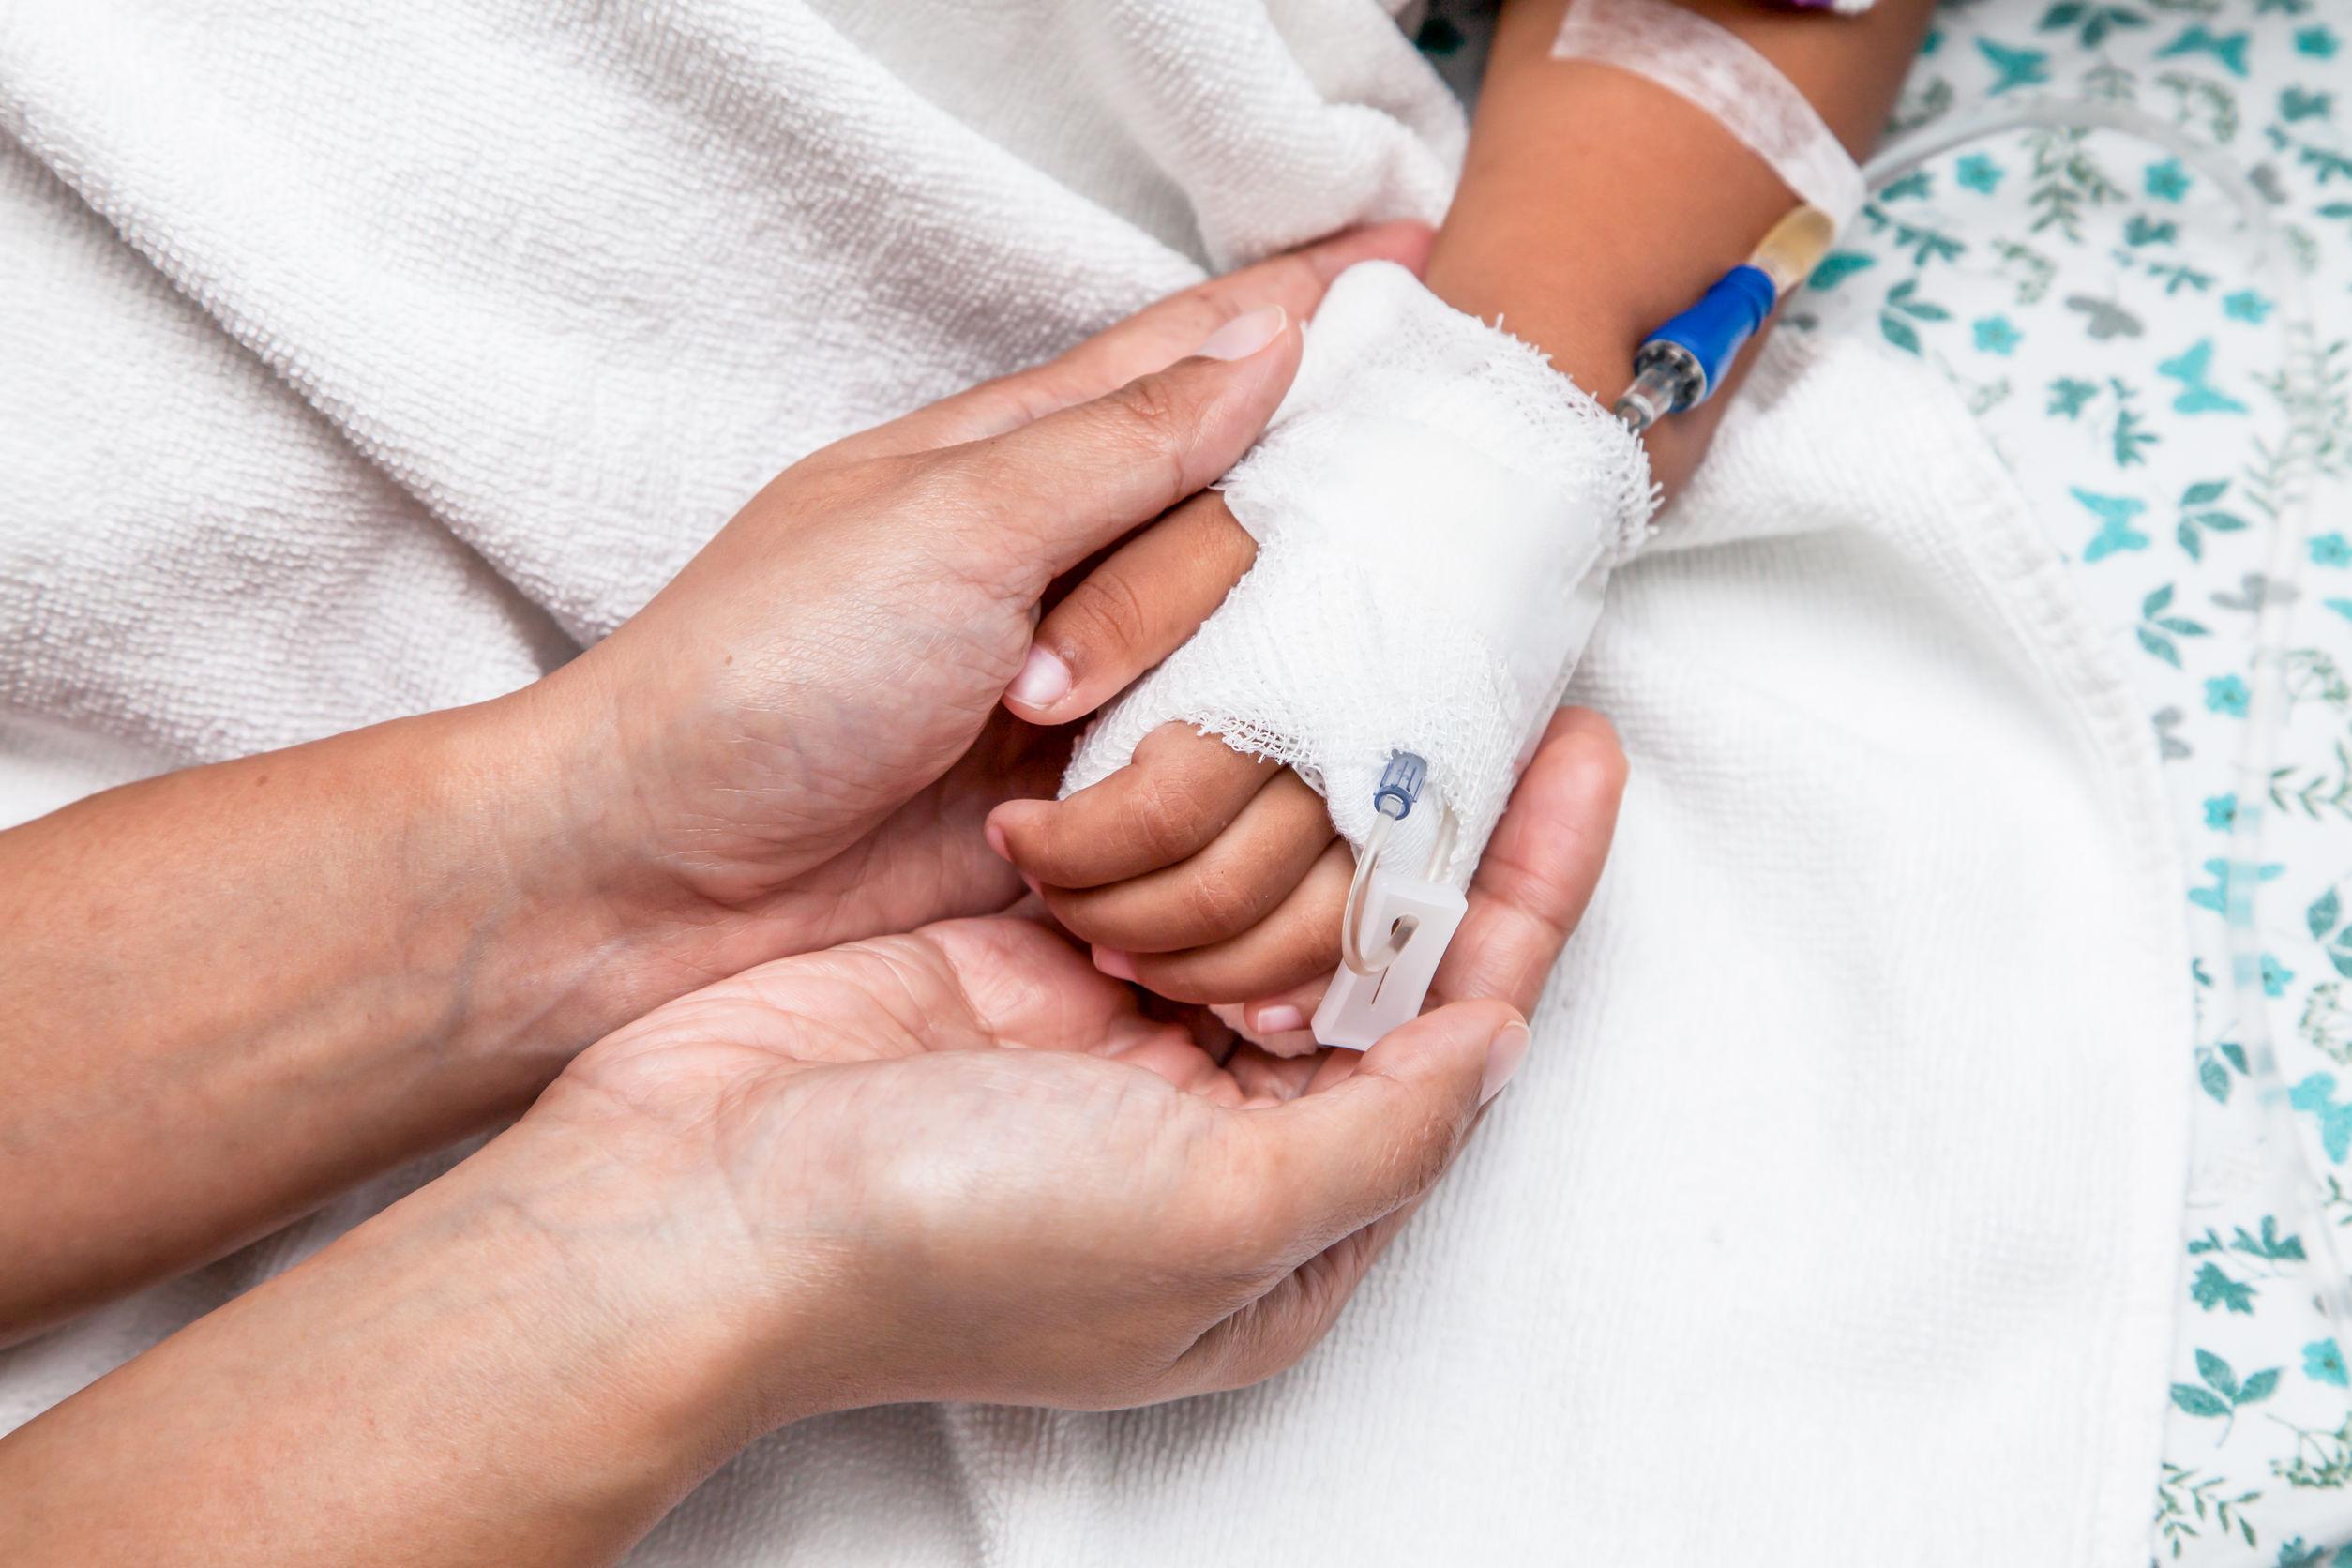 Petronela, fetiţa din Iaşi ai cărei părinţi refuzau tratamentul pentru cancer, a murit